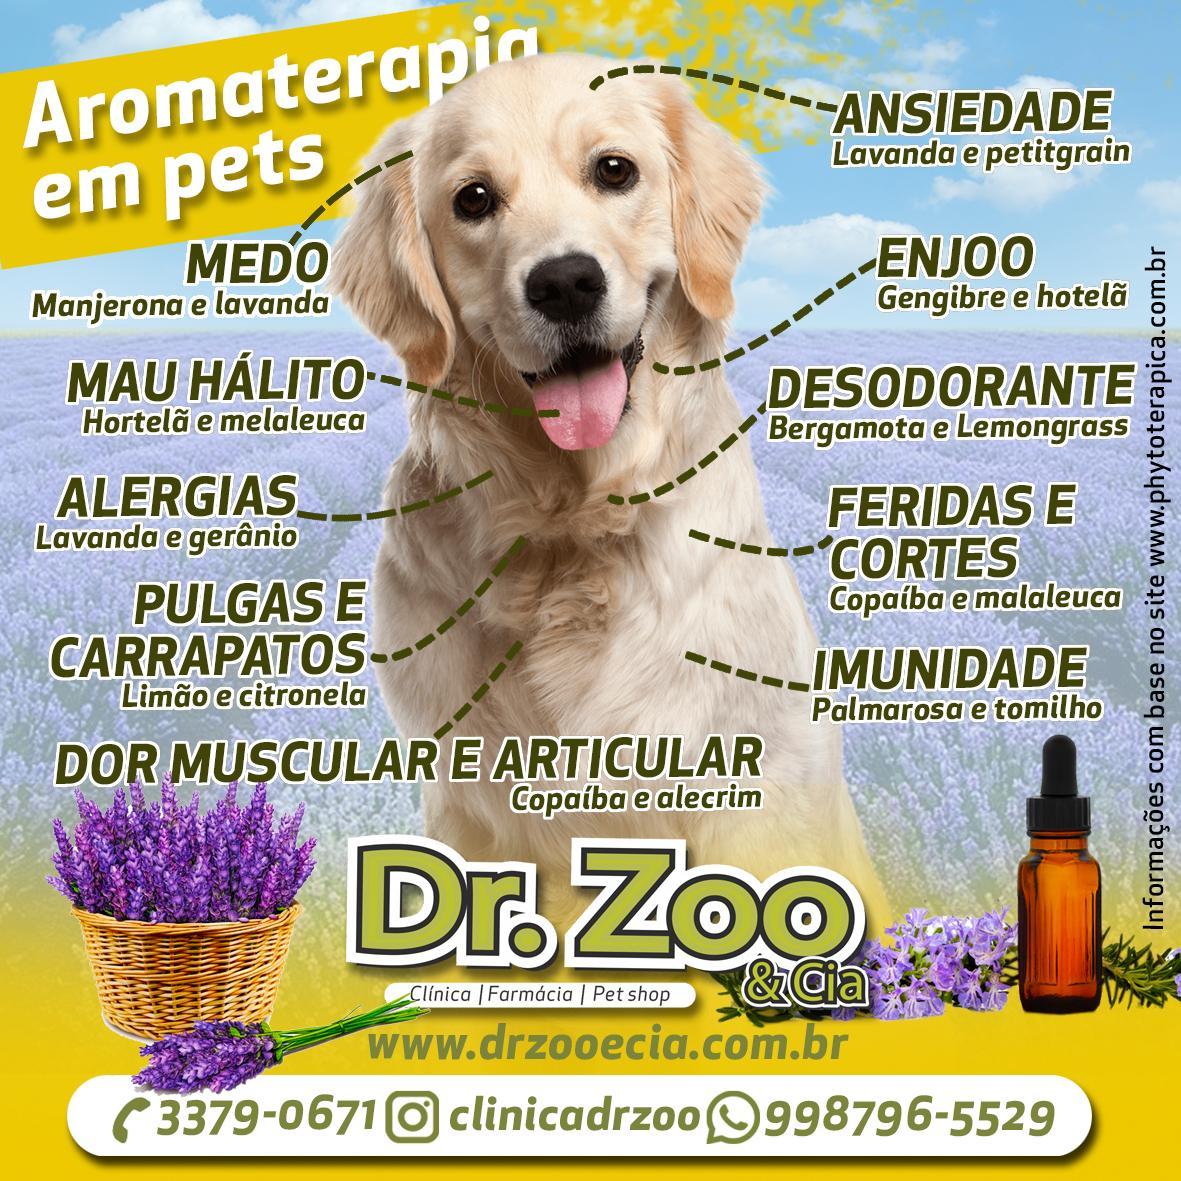 Aromaterapia para pets